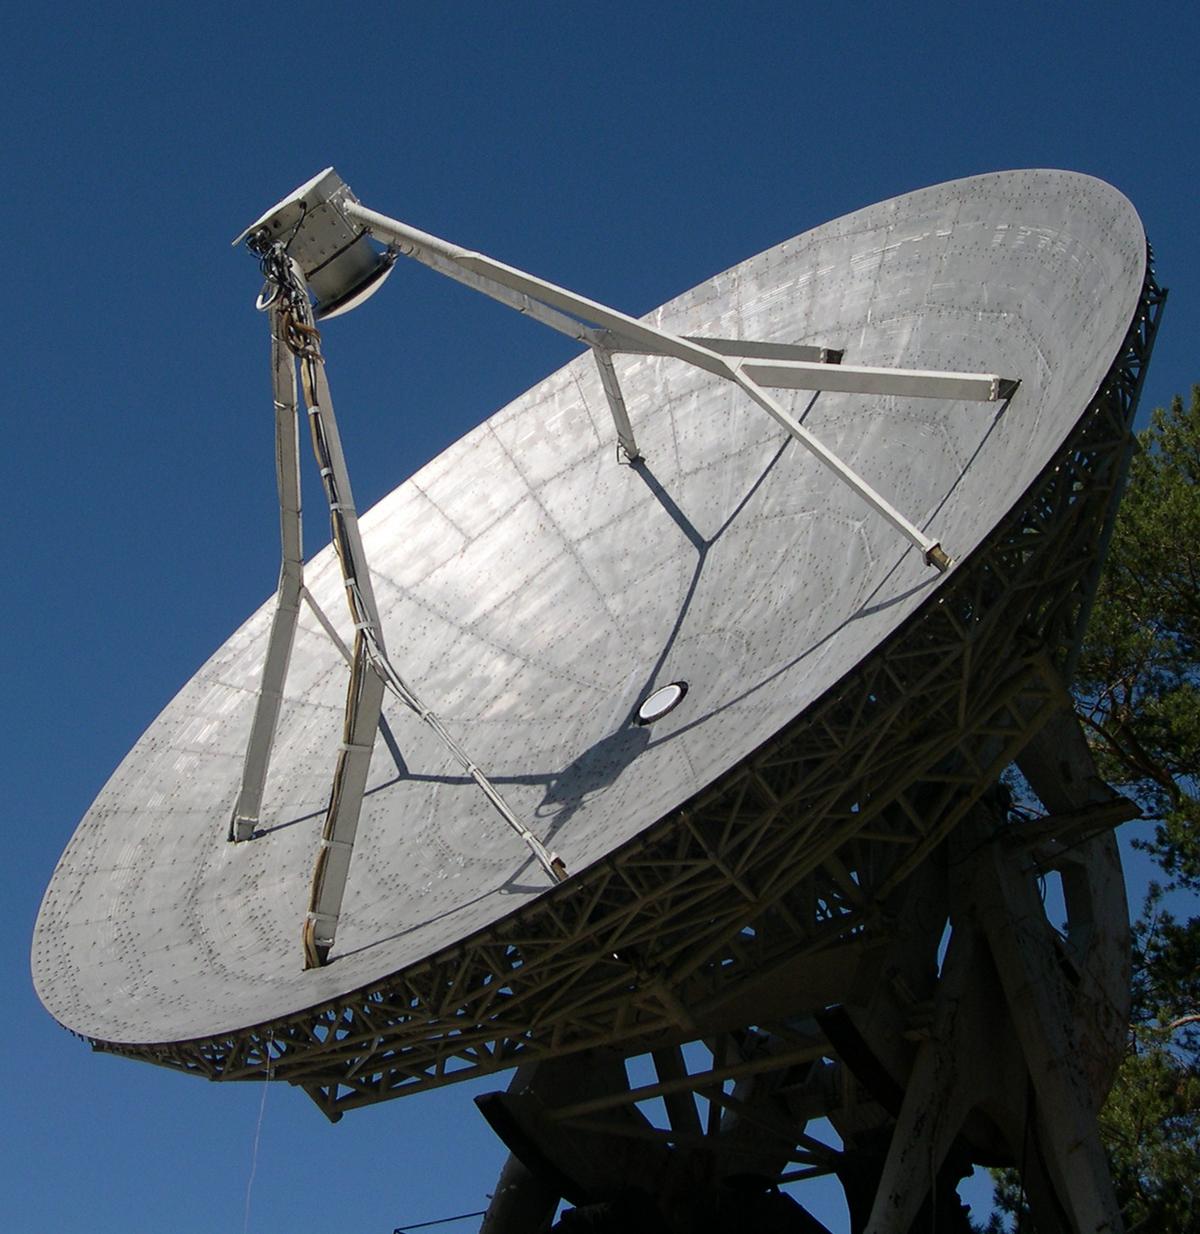 схема дециметровой антенны .волновой канал.